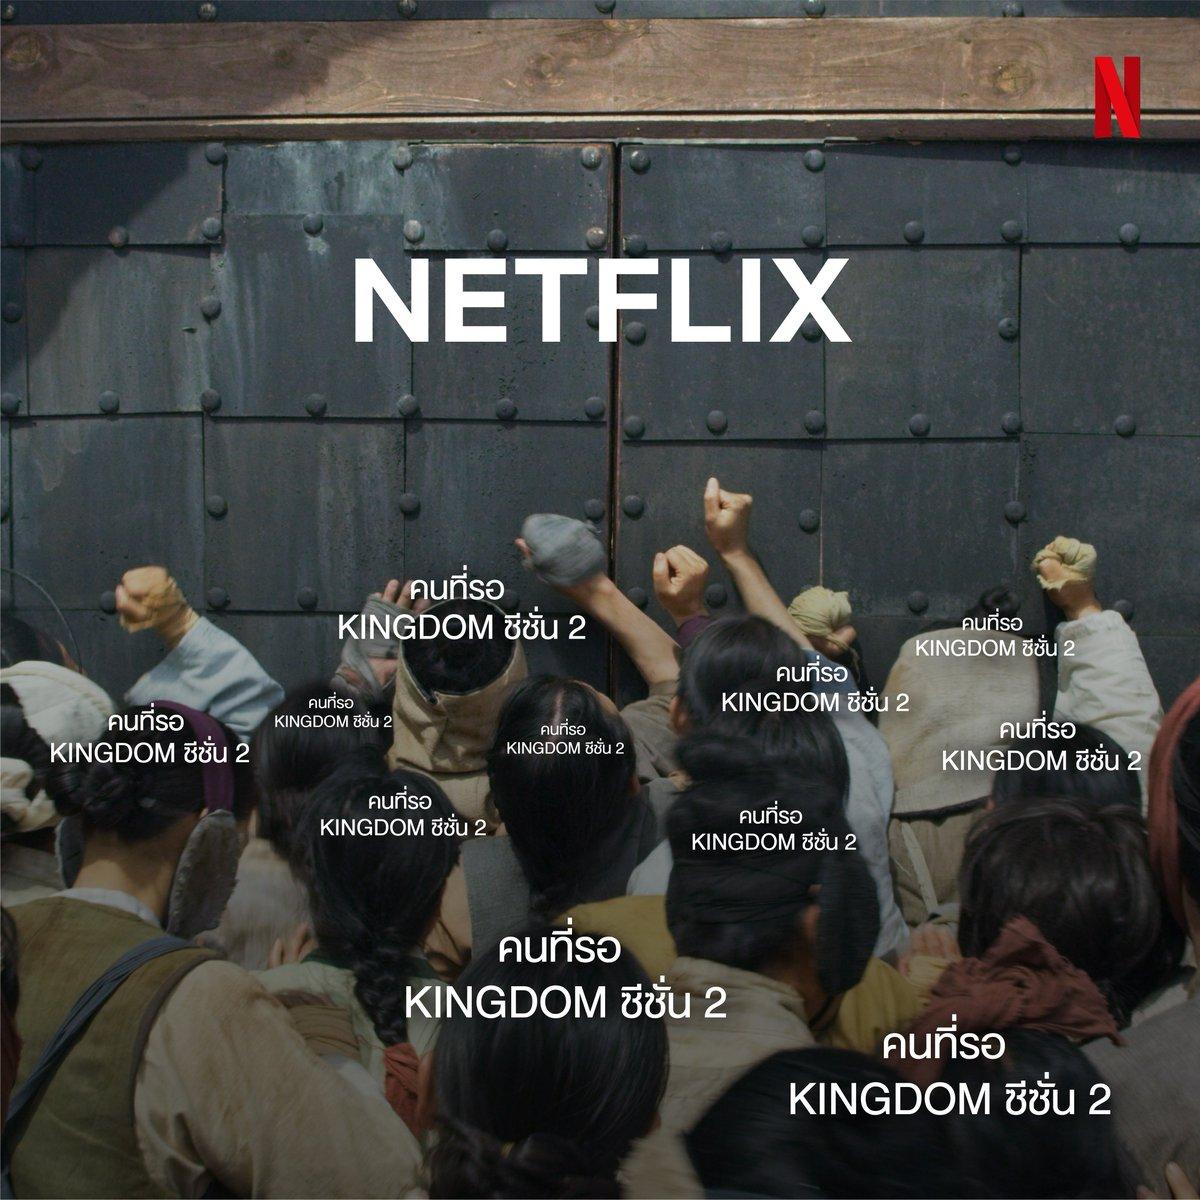 เราได้ยินเสียงร้องเรียนจากทั่วทุกมุมโซเชียลแล้วนะครับ 📣 ขอแจ้งชาวเมืองทุกคนว่า Kingdom จะมีซีซั่น 2 แน่นอน  ใครกำลังรอซีซั่นหน้าอยู่ มาลงชื่อบอกองค์ชายชางกันเถอะะะ  #NetflixKingdom